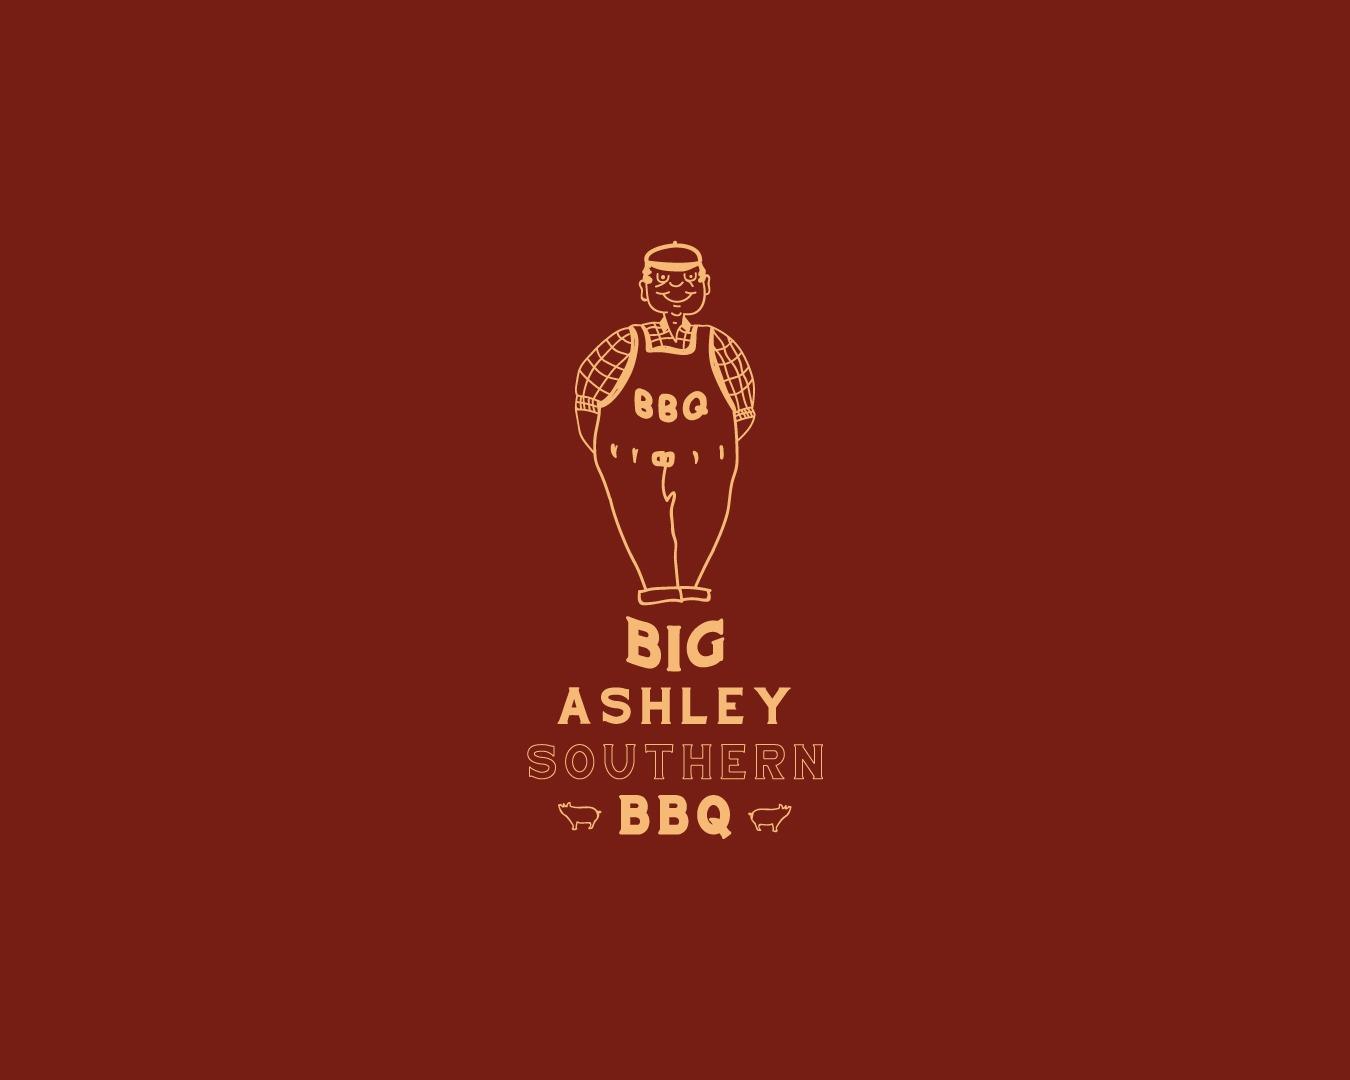 BIG ASHLEY